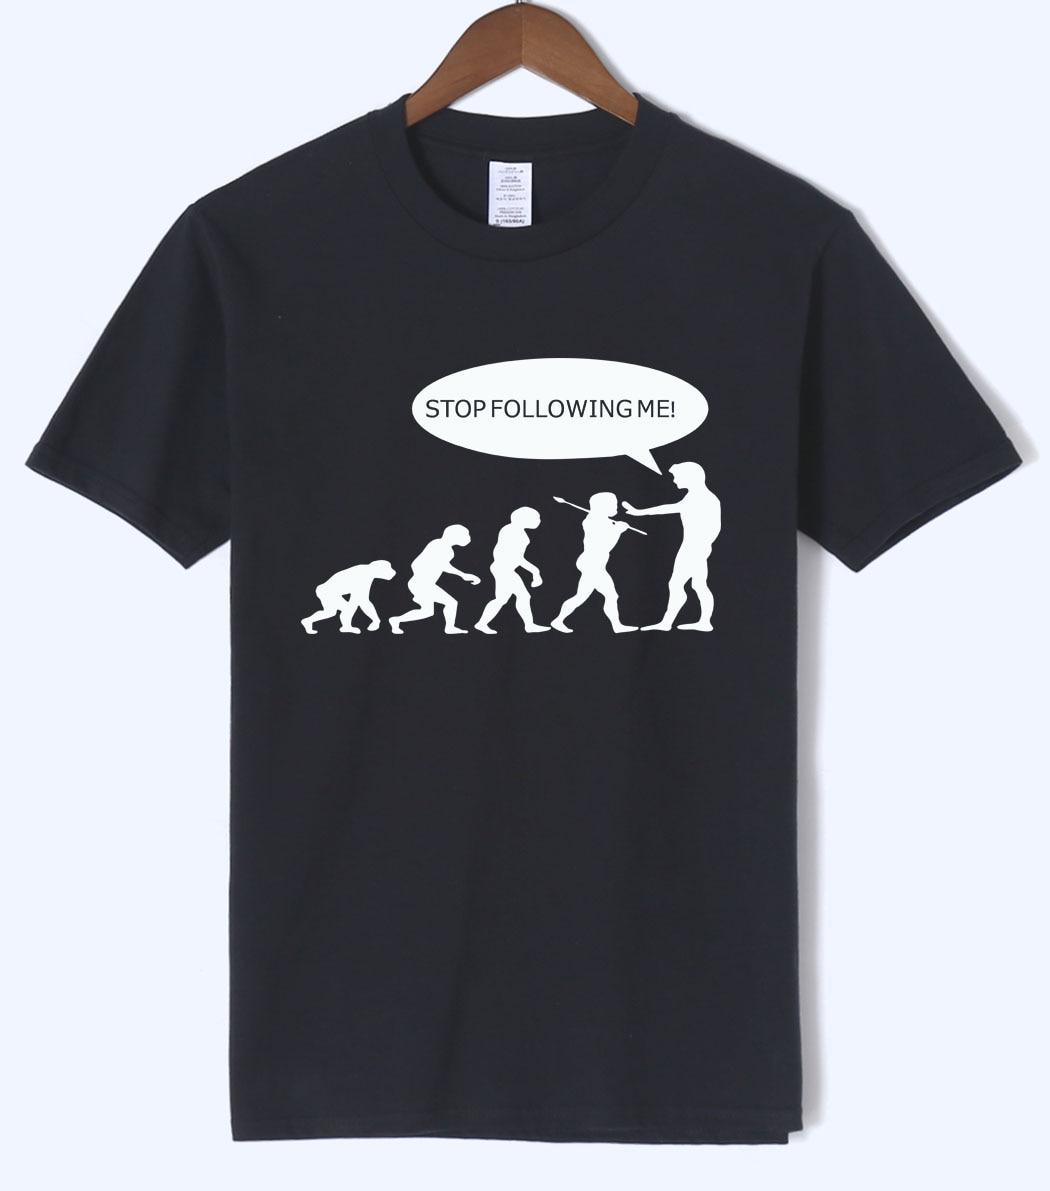 Funny T-Shirts Stop Following Me, Caveman Printed T-Shirts 2018 Summer Harajuku Mens T Shirts 100% Cotton Short Sleeve T-Shirts